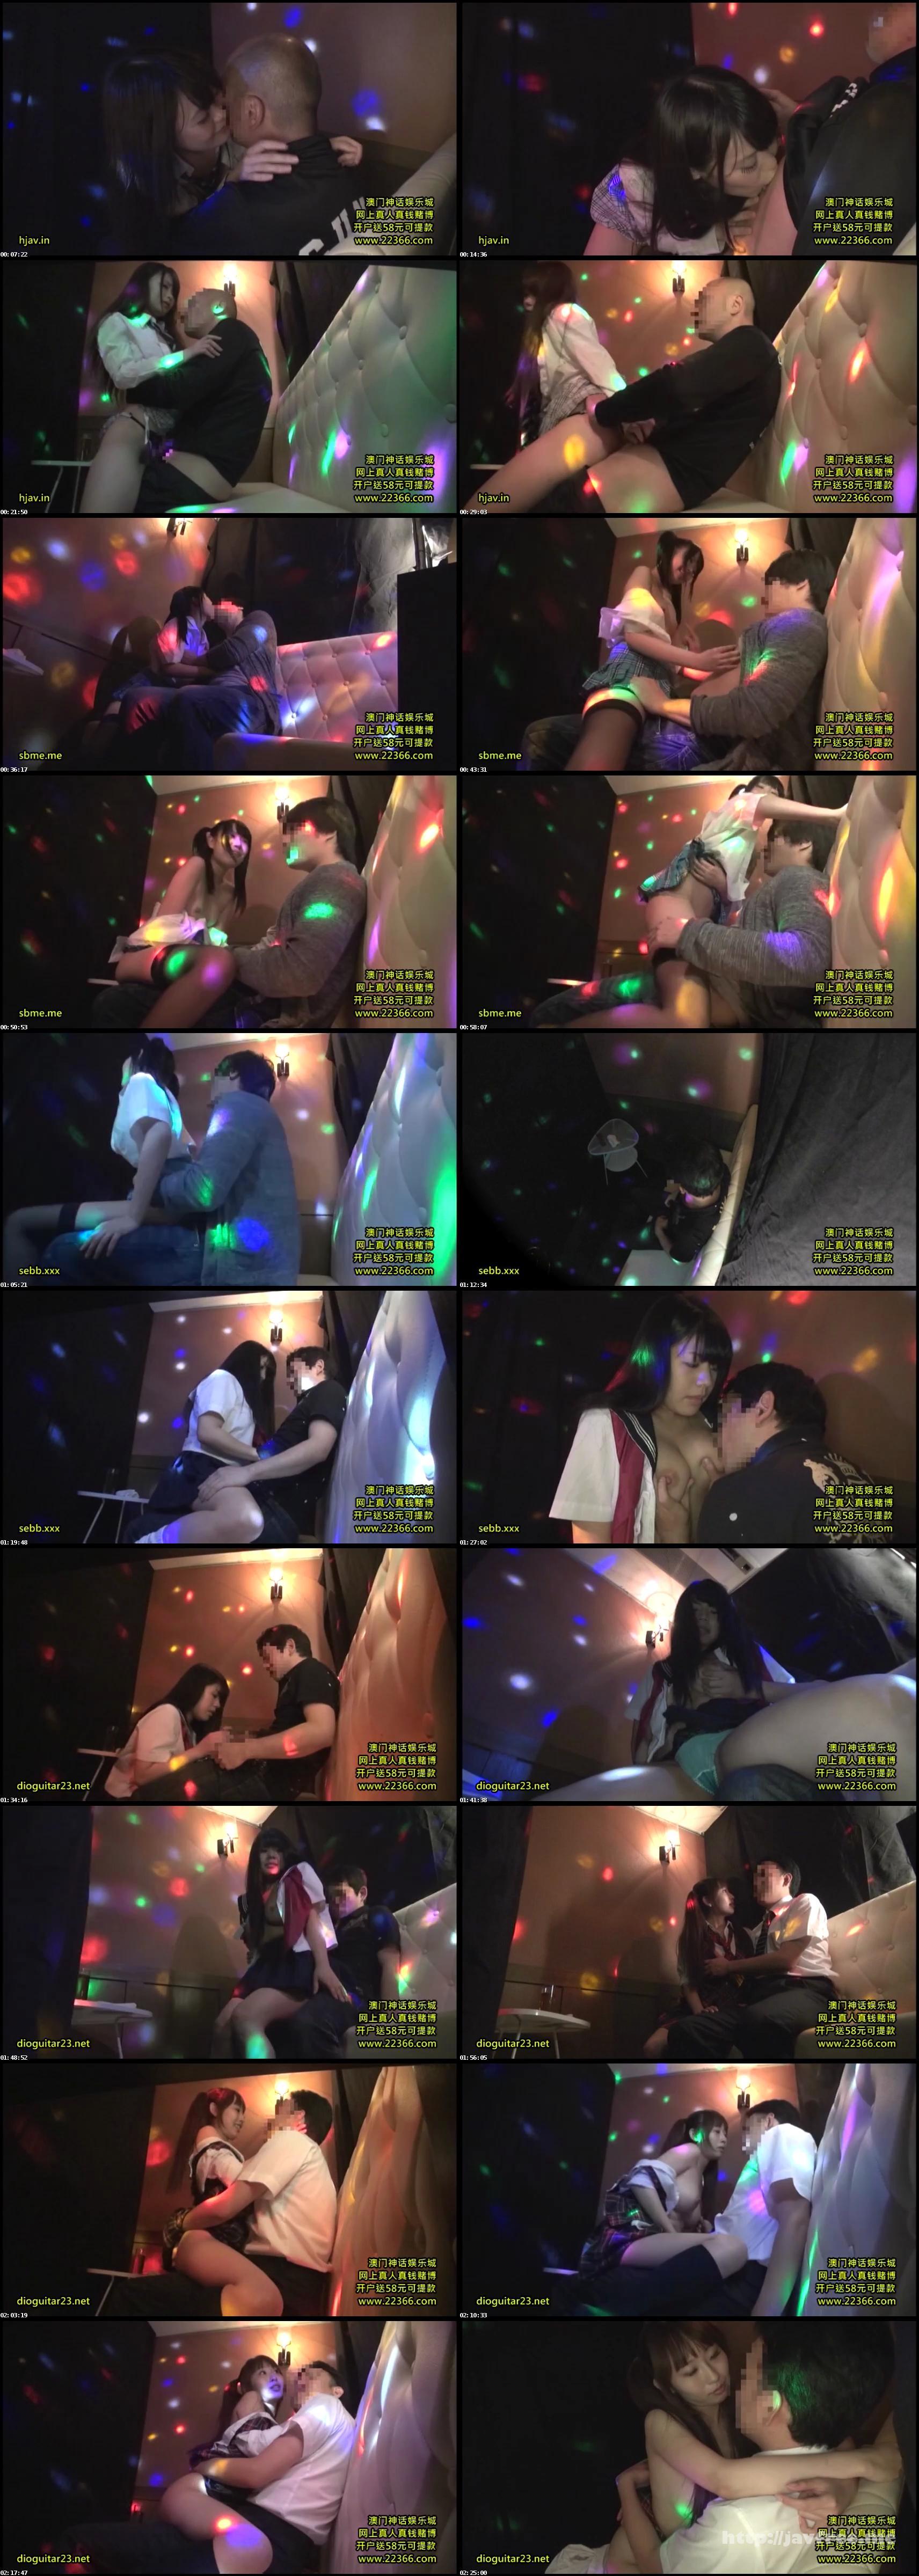 [MIST 077] 日本最大の繁華街にある「老舗おっぱいパブ」では新人嬢がベテラン嬢から客を奪うために内緒でセックスさせてくれる。しかも生で。2 MIST